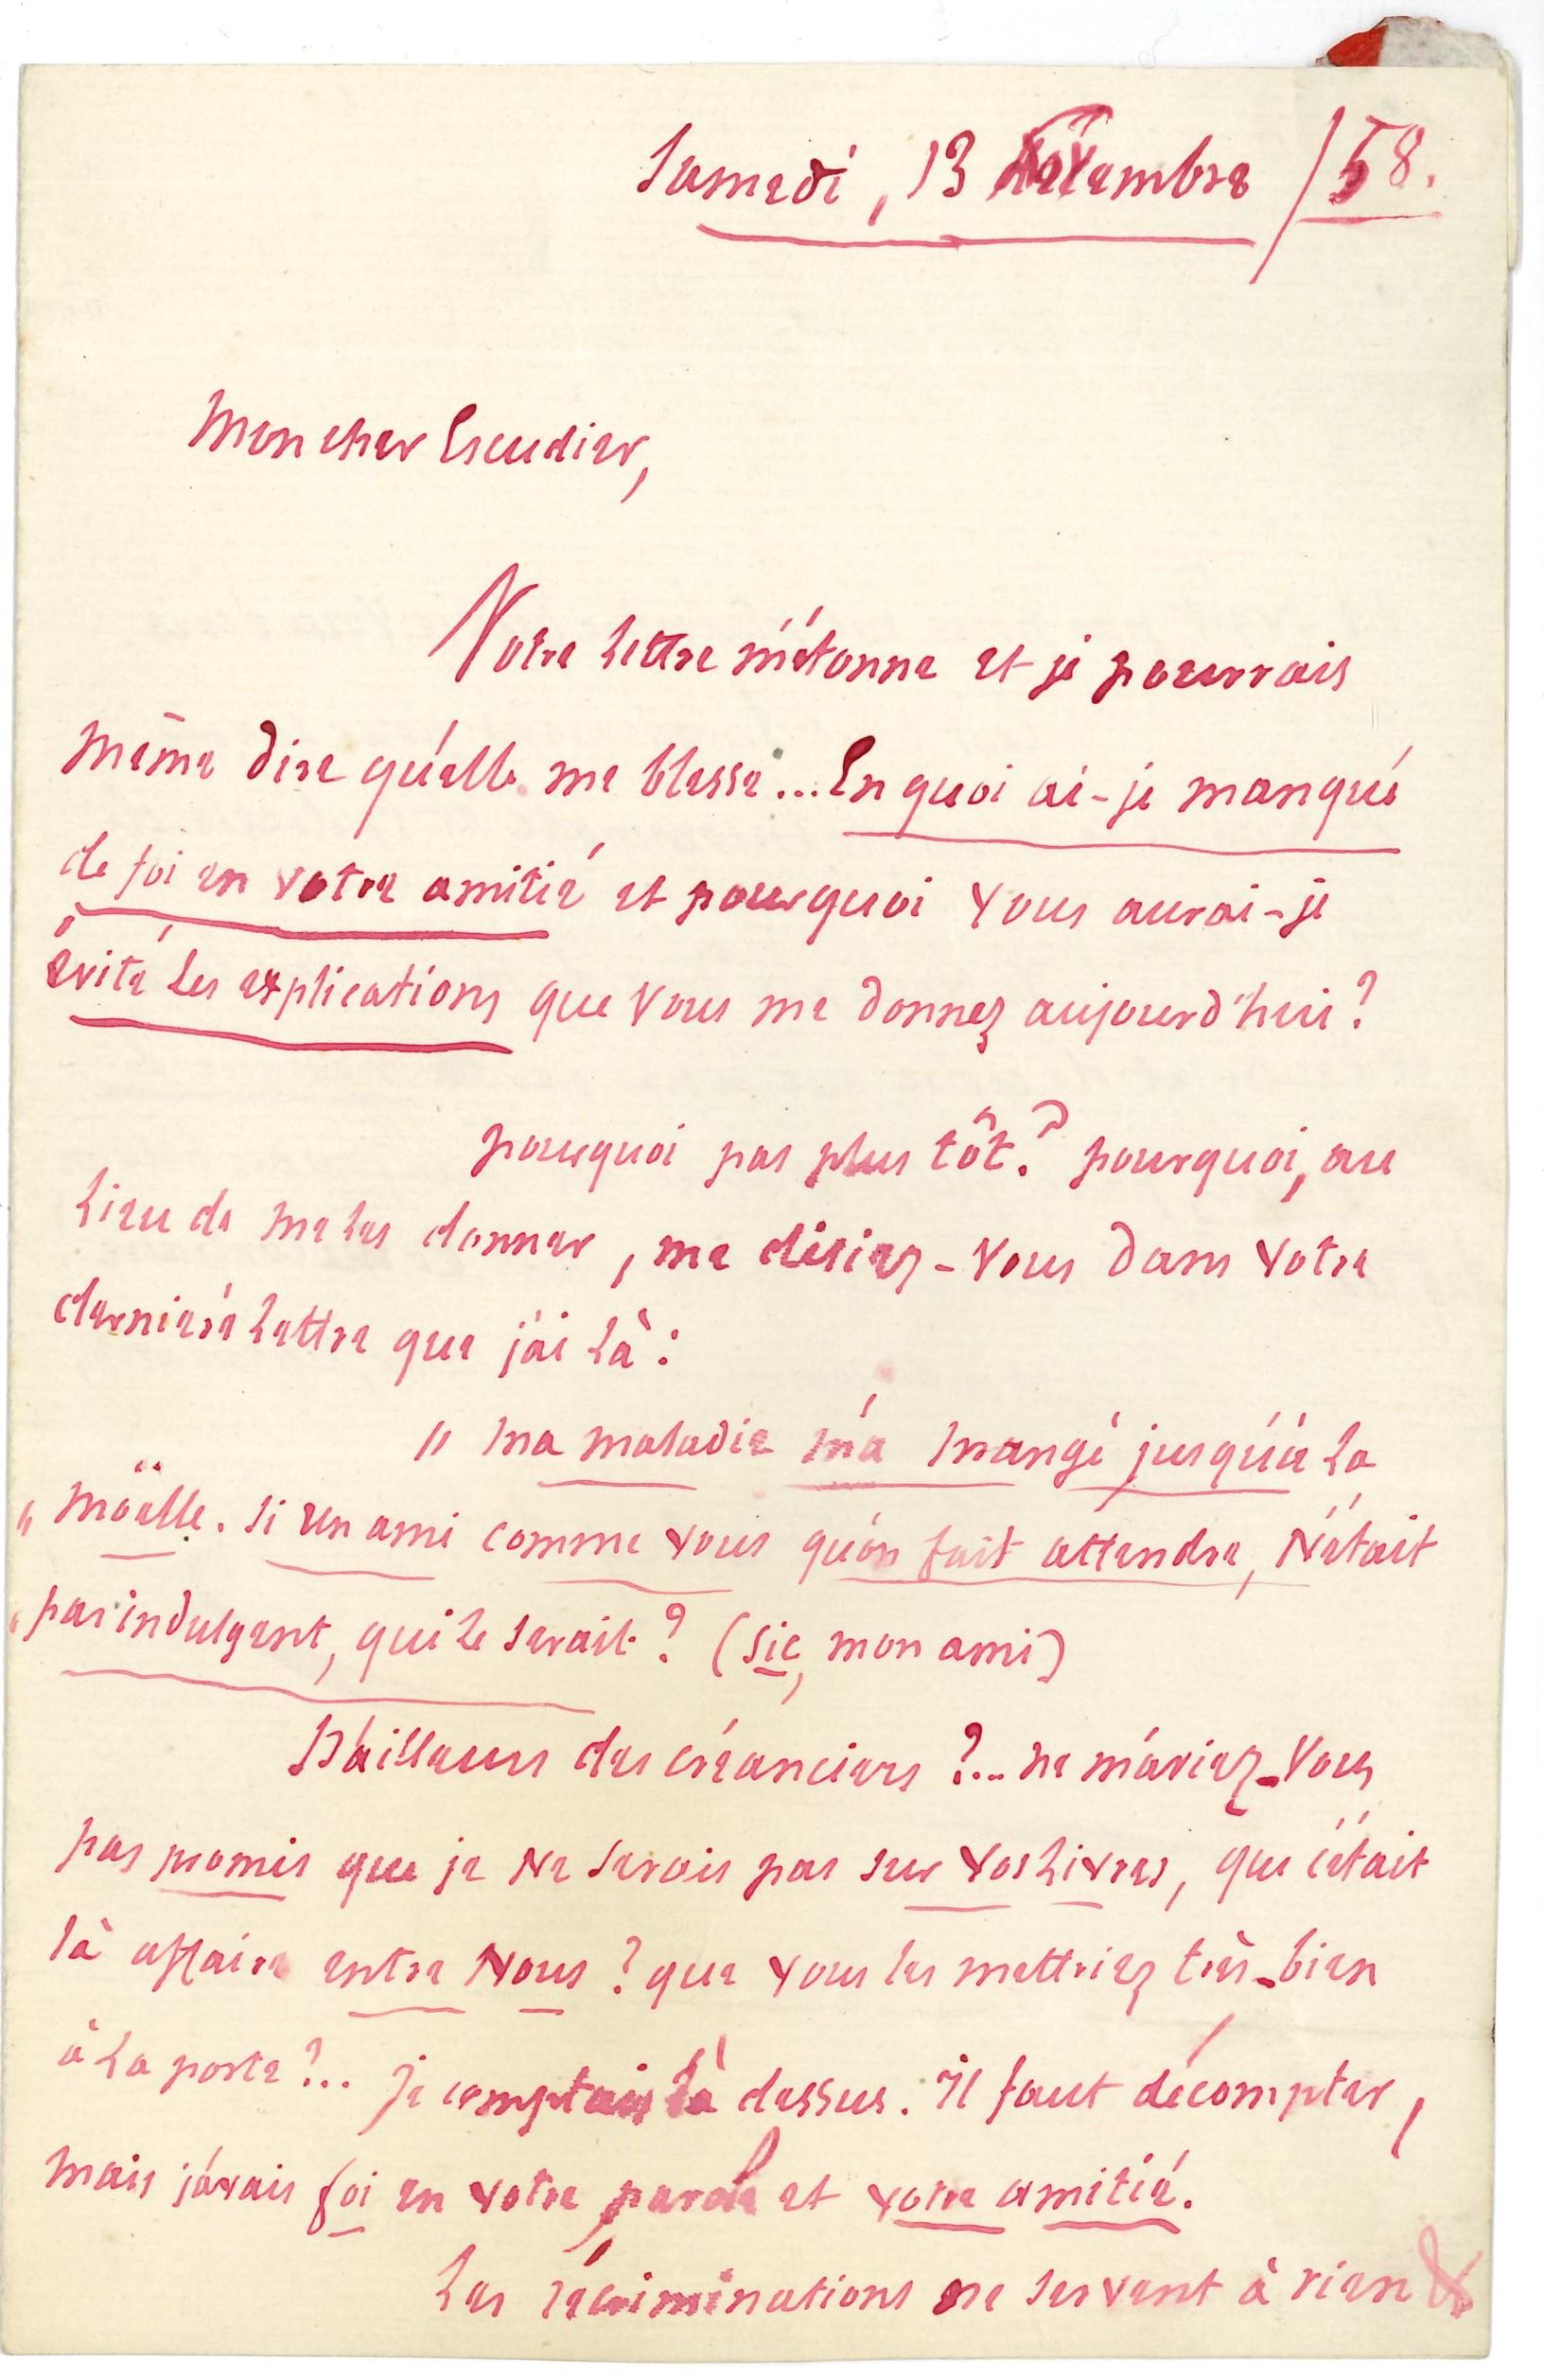 011 Jules BARBEY D'AUREVILLY (1808-1889) écrivain Image